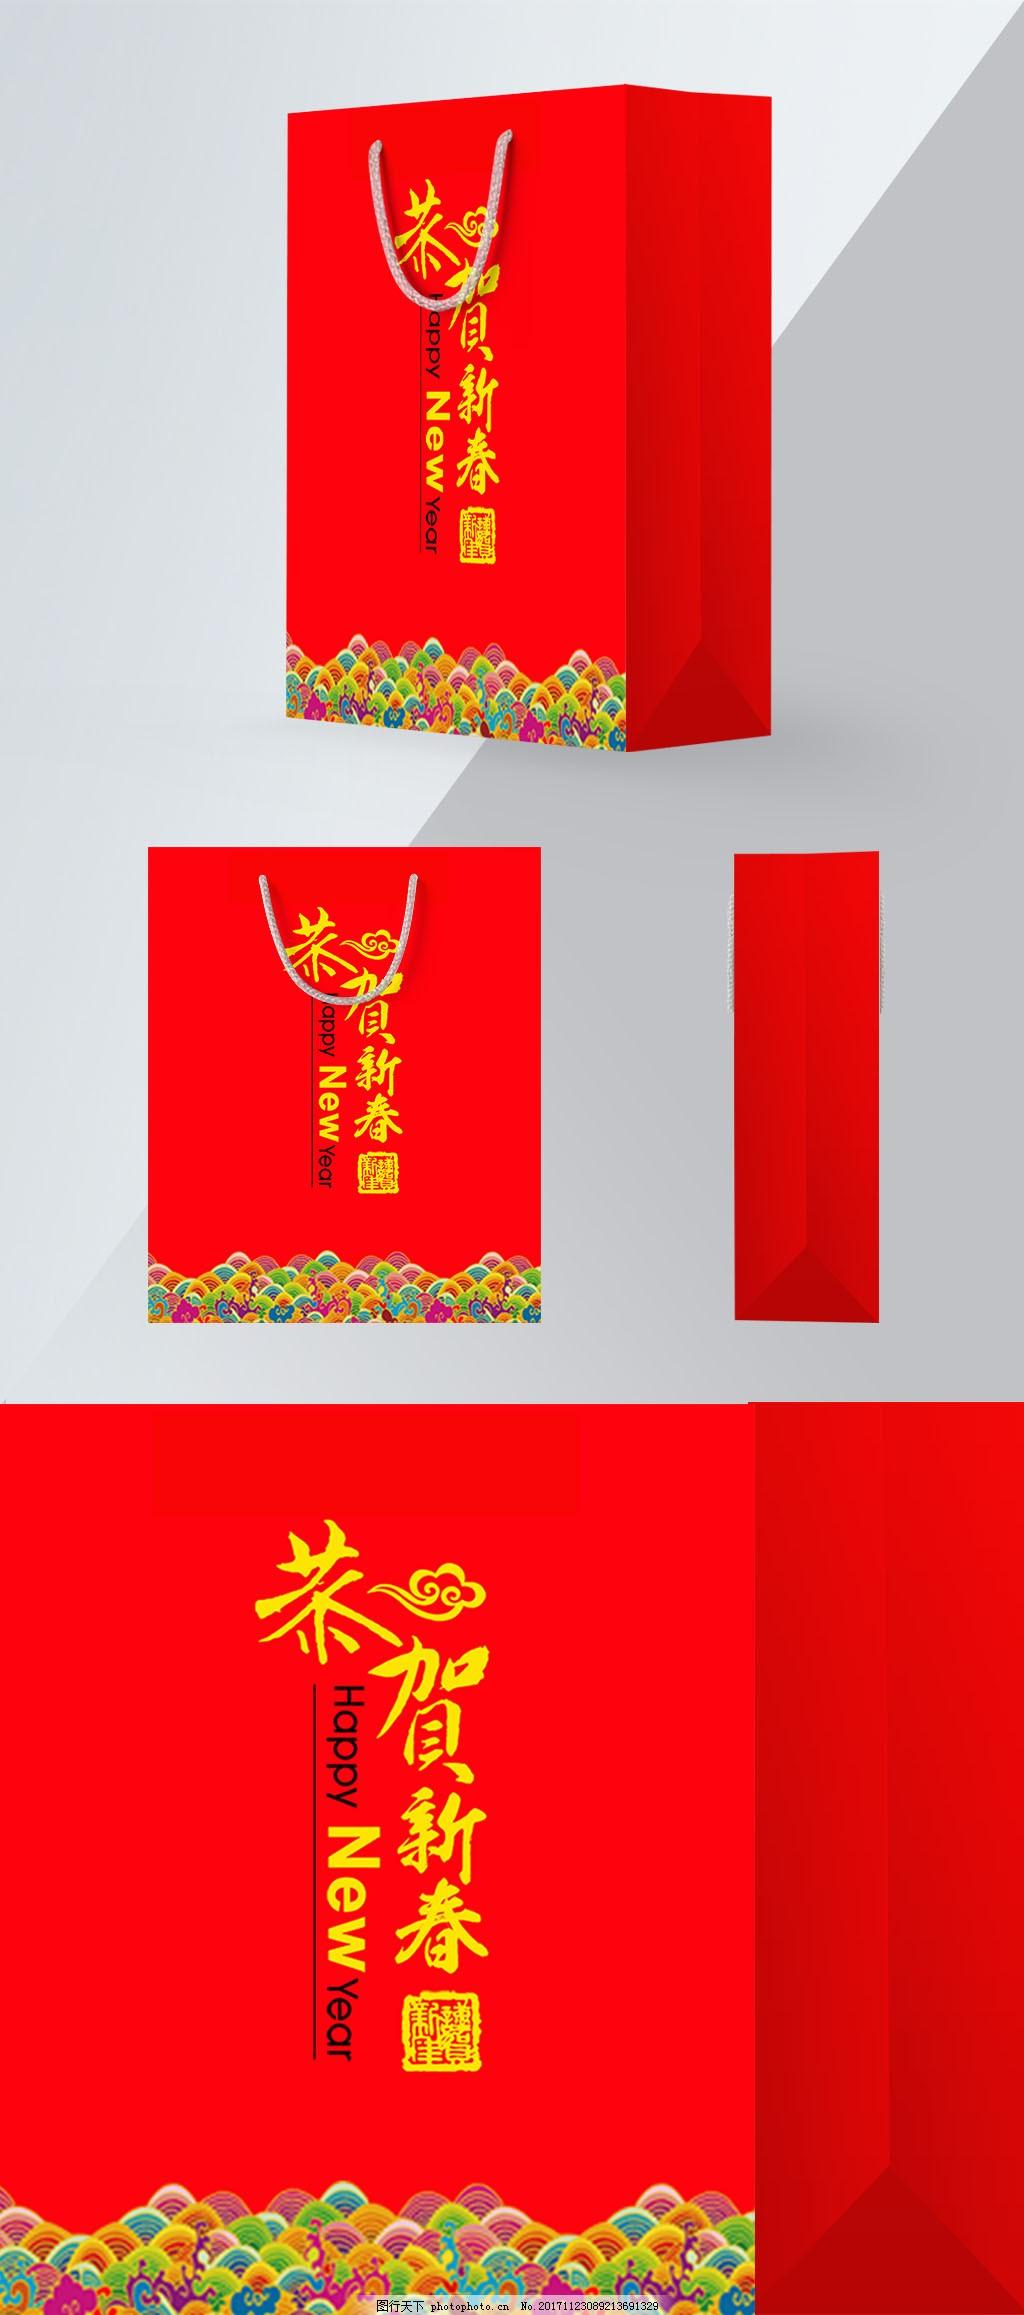 恭贺新春新年红色海浪云纹喜庆礼品袋子